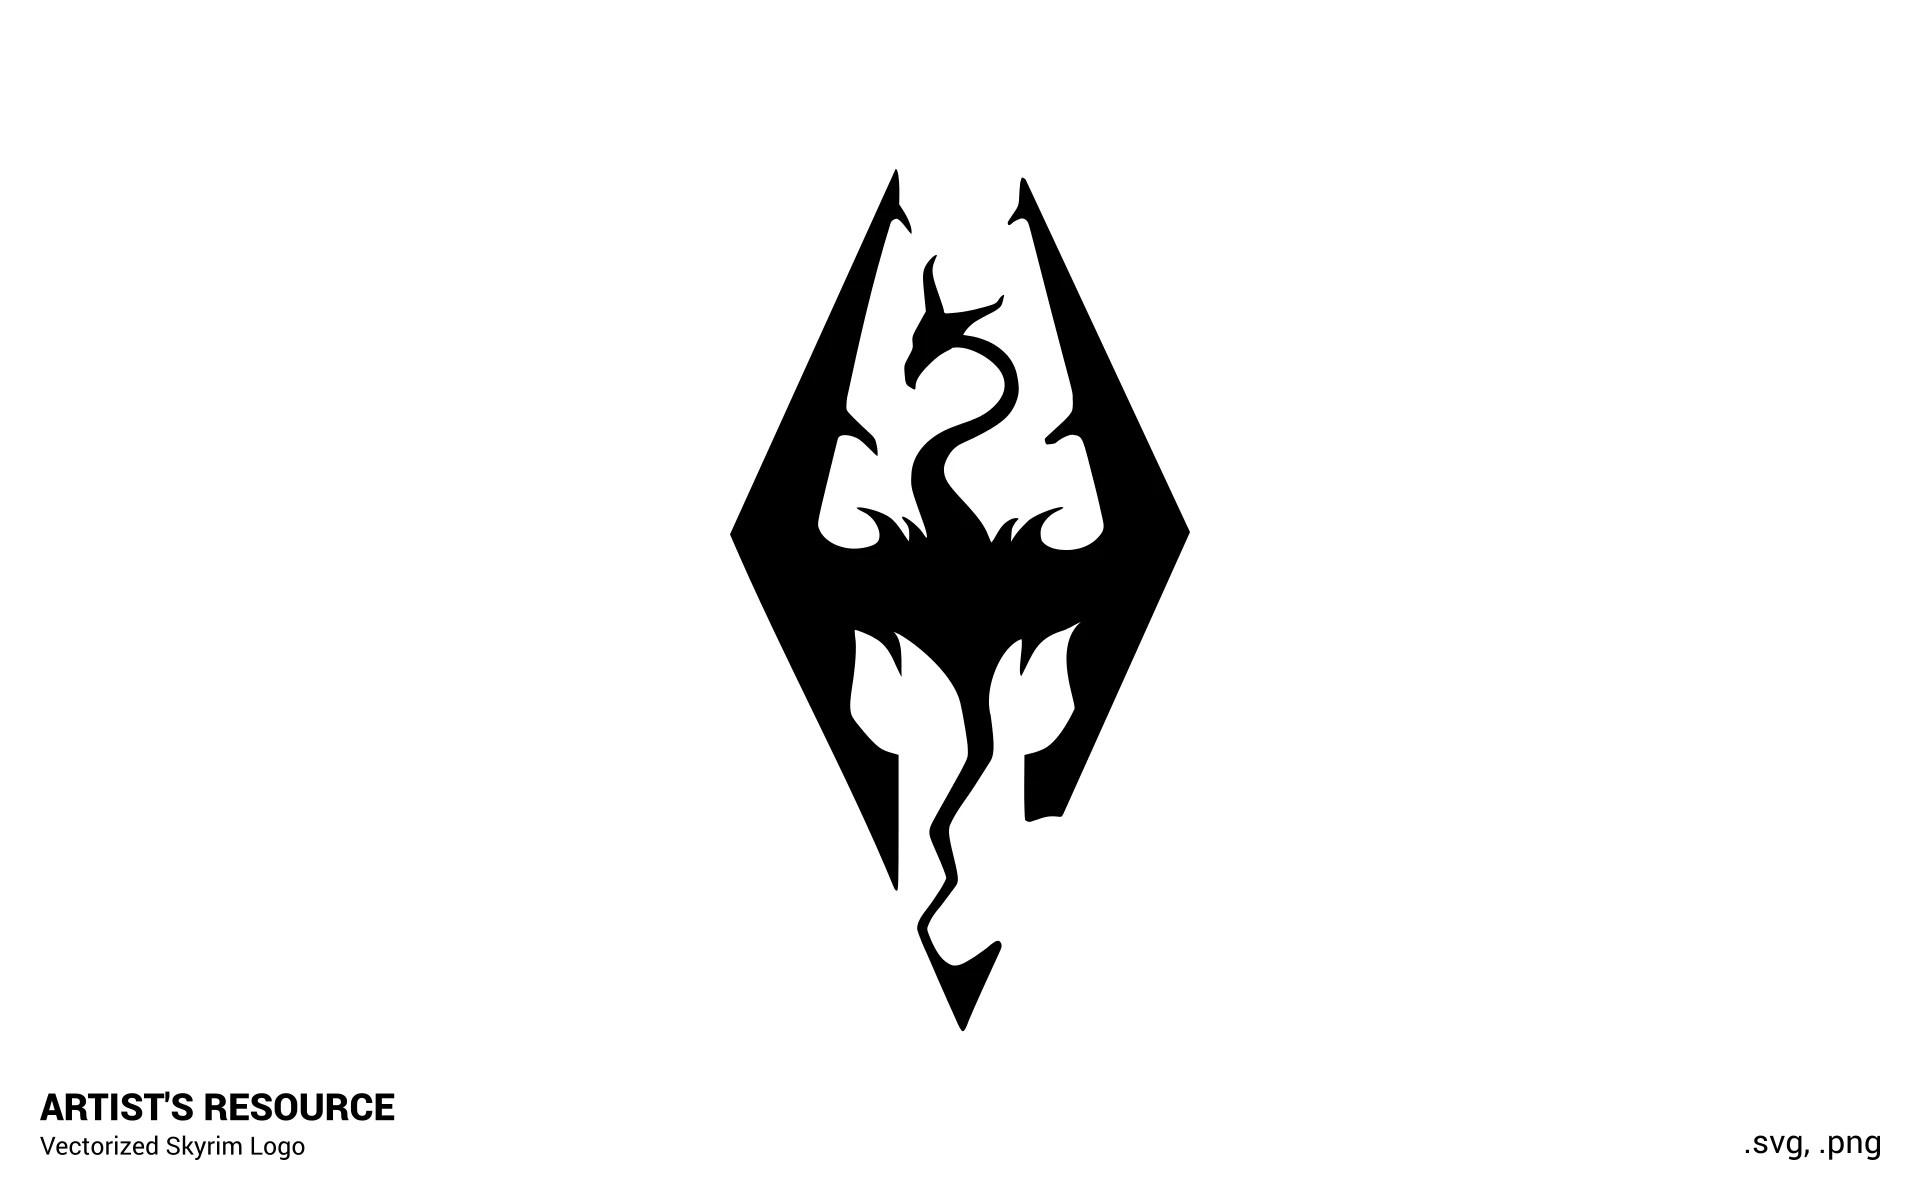 Skyrim Logo Vector